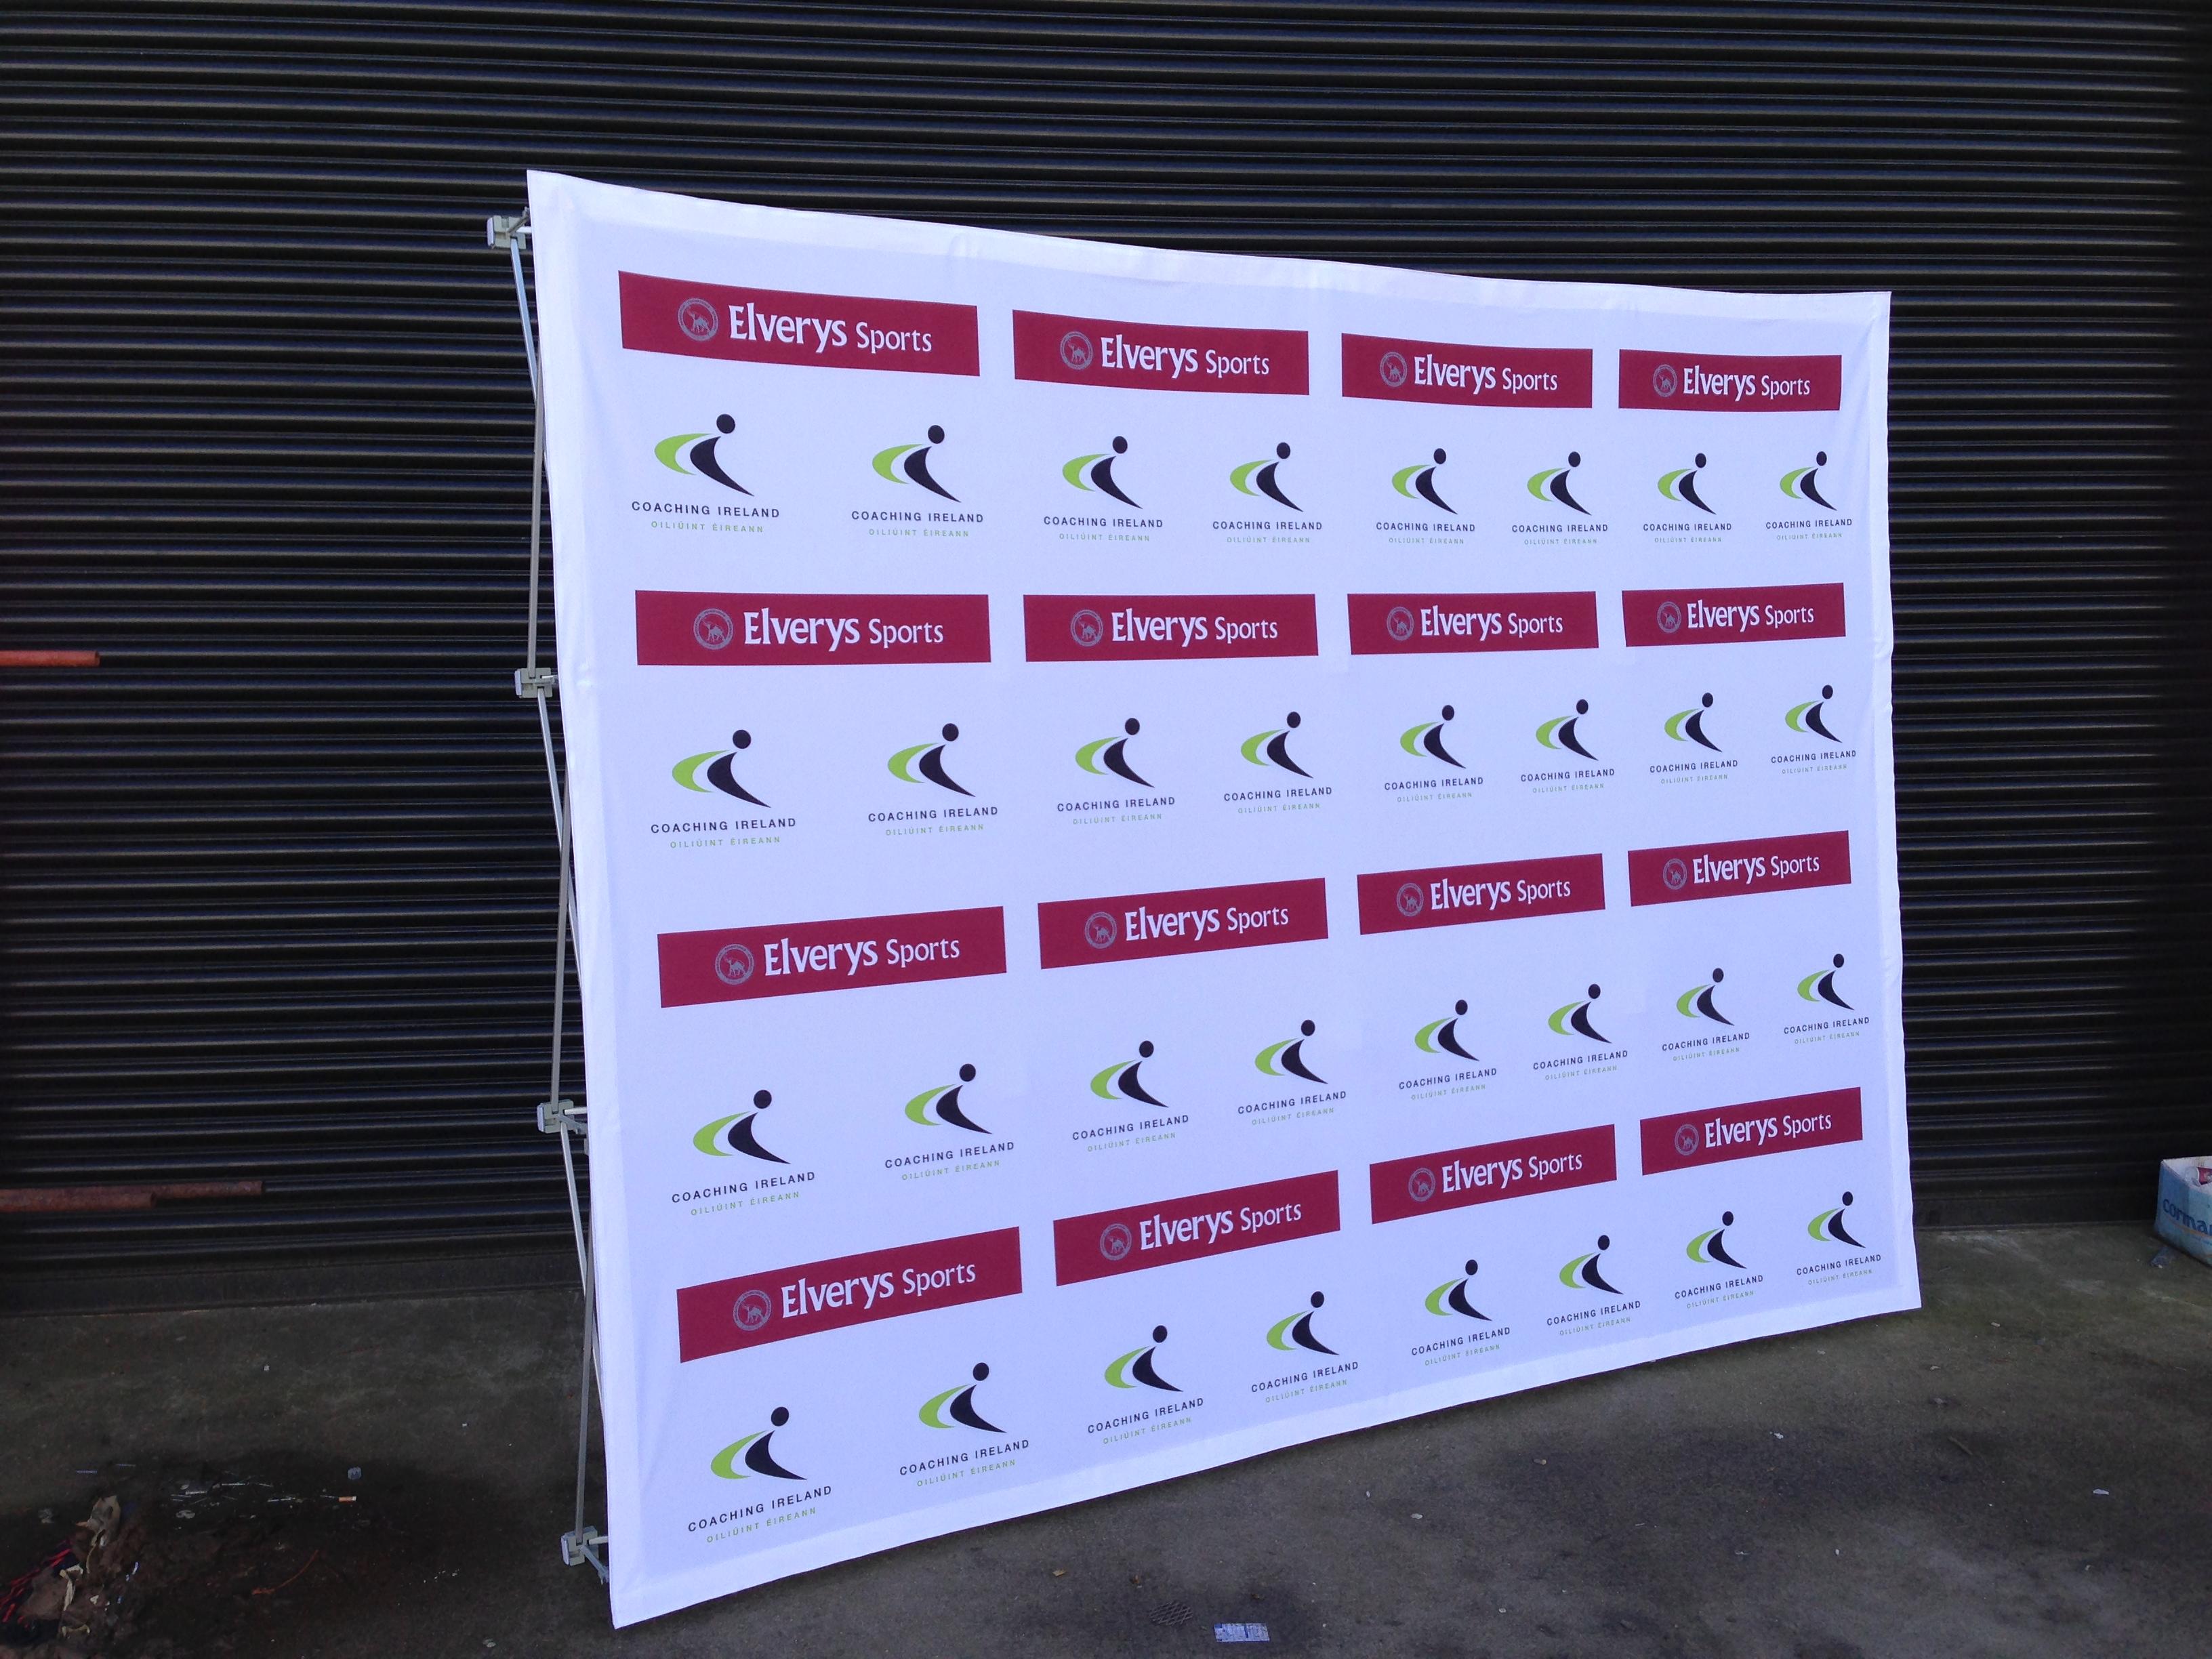 Media Wall Range Synergy Outstanding Branding